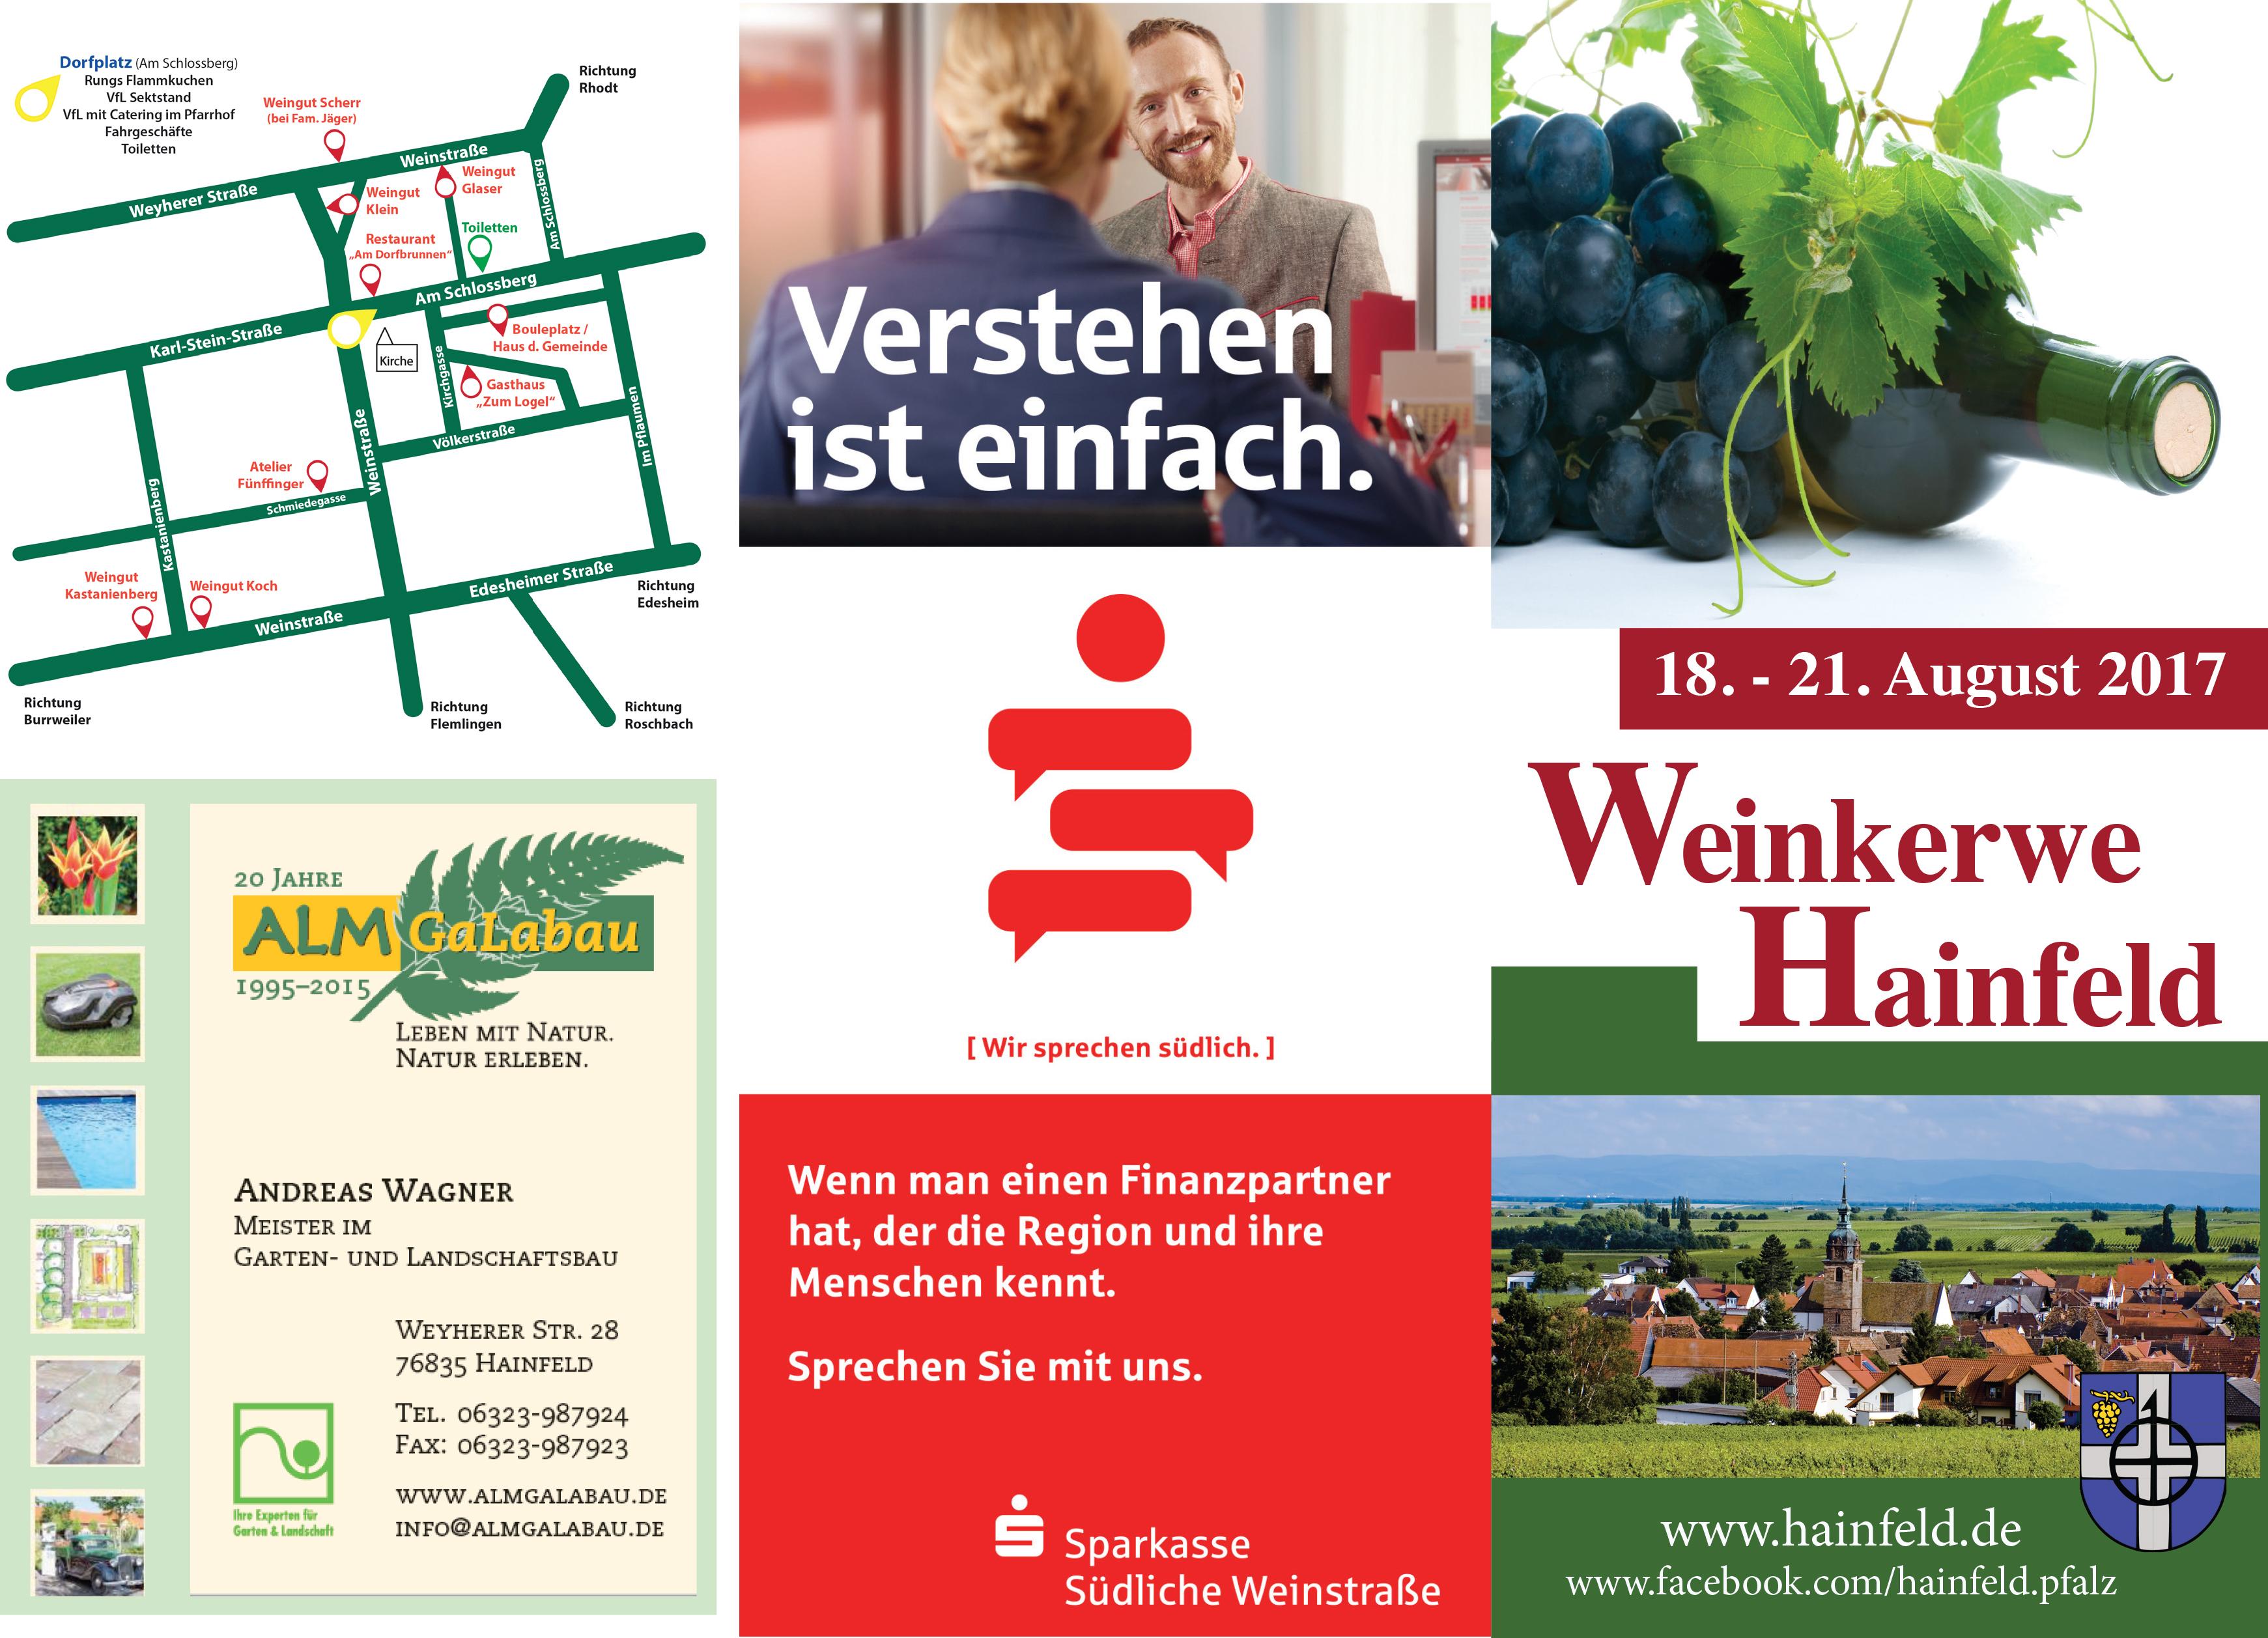 Hainfelder Weinkerwe – Flyer 2017 | Hainfeld